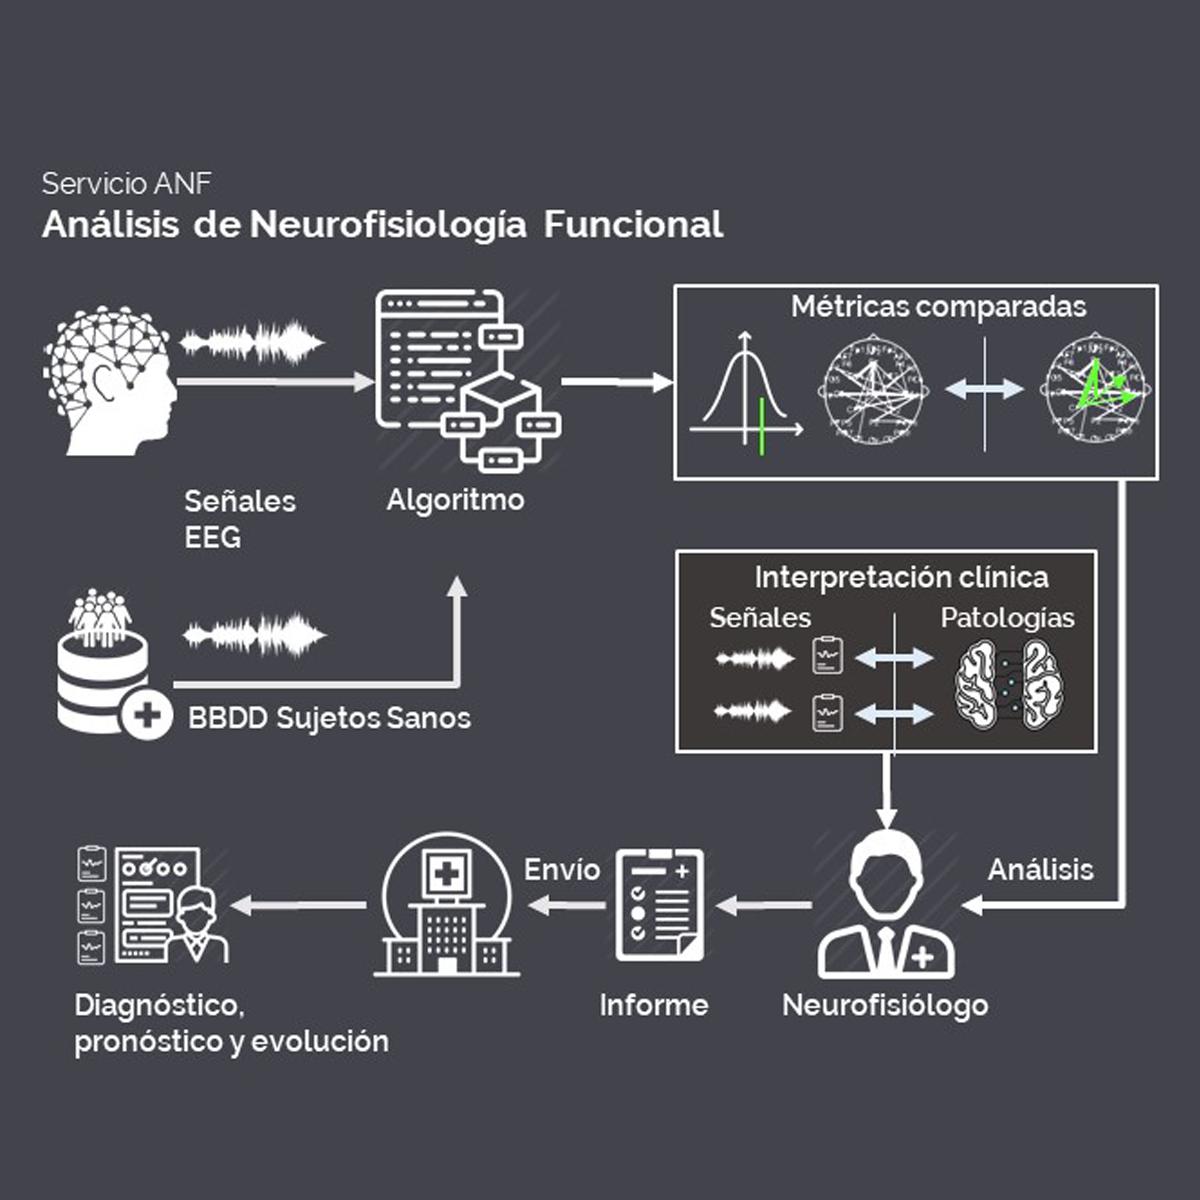 Esquema del Análisis de neurofisiología funcional